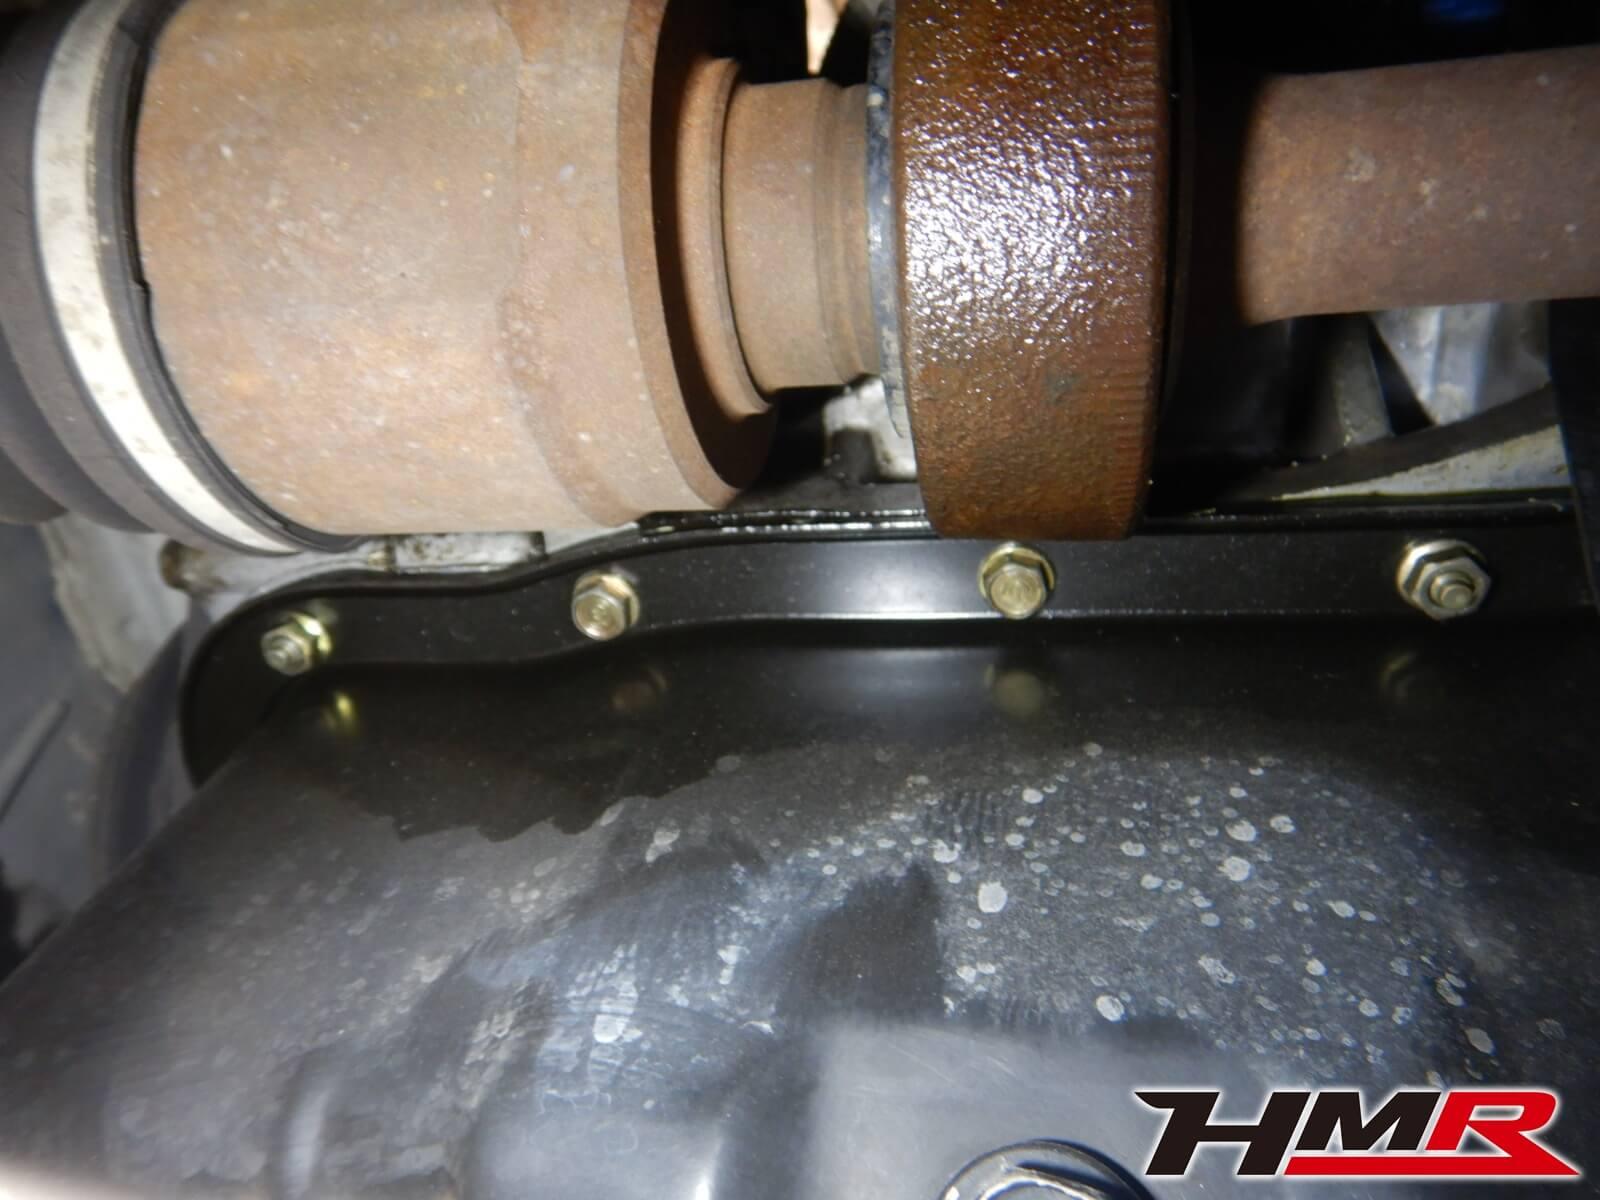 シビックタイプR(EK9) オイル漏れ修理